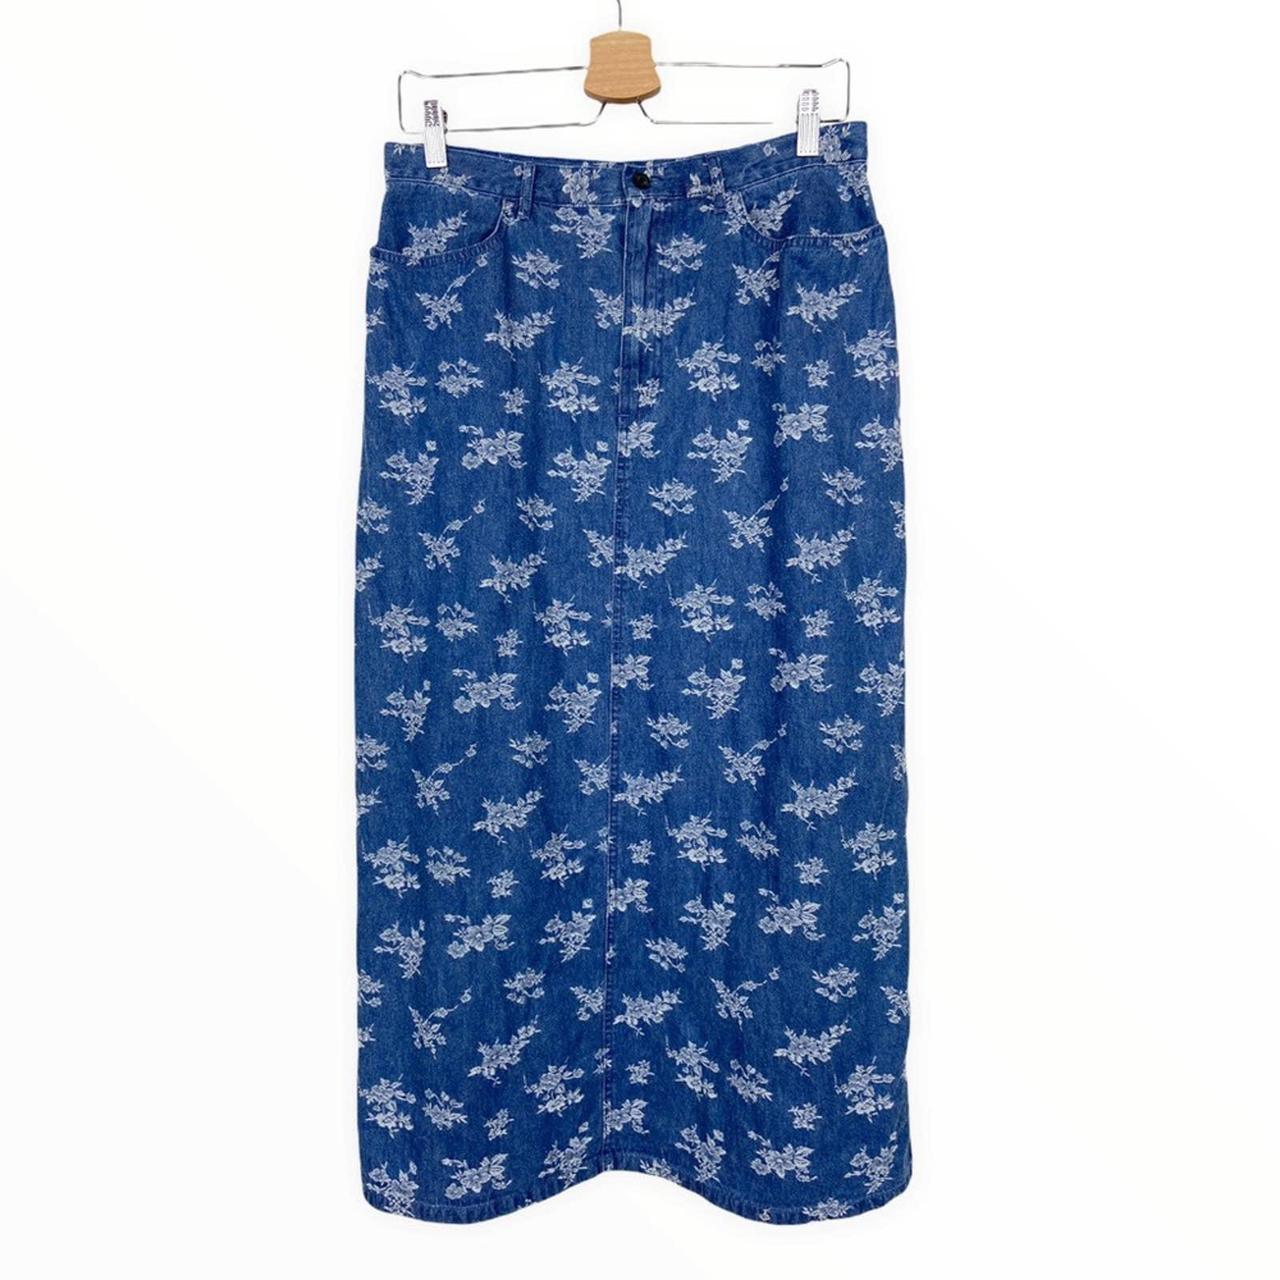 Product Image 1 - Vintage Cottagecore Denim Maxi Skirt